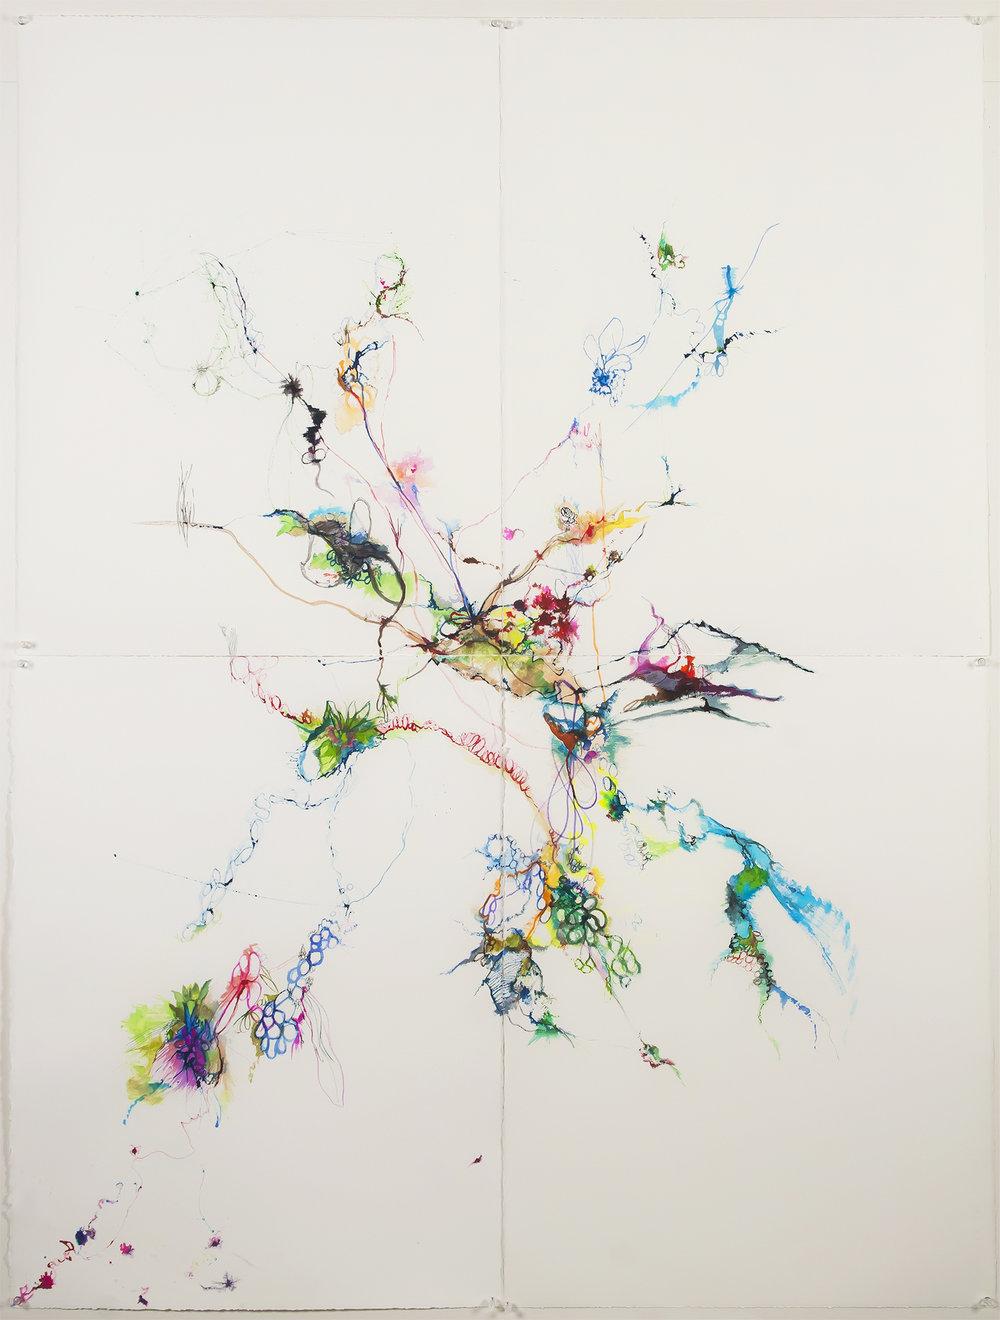 dandelion confetti